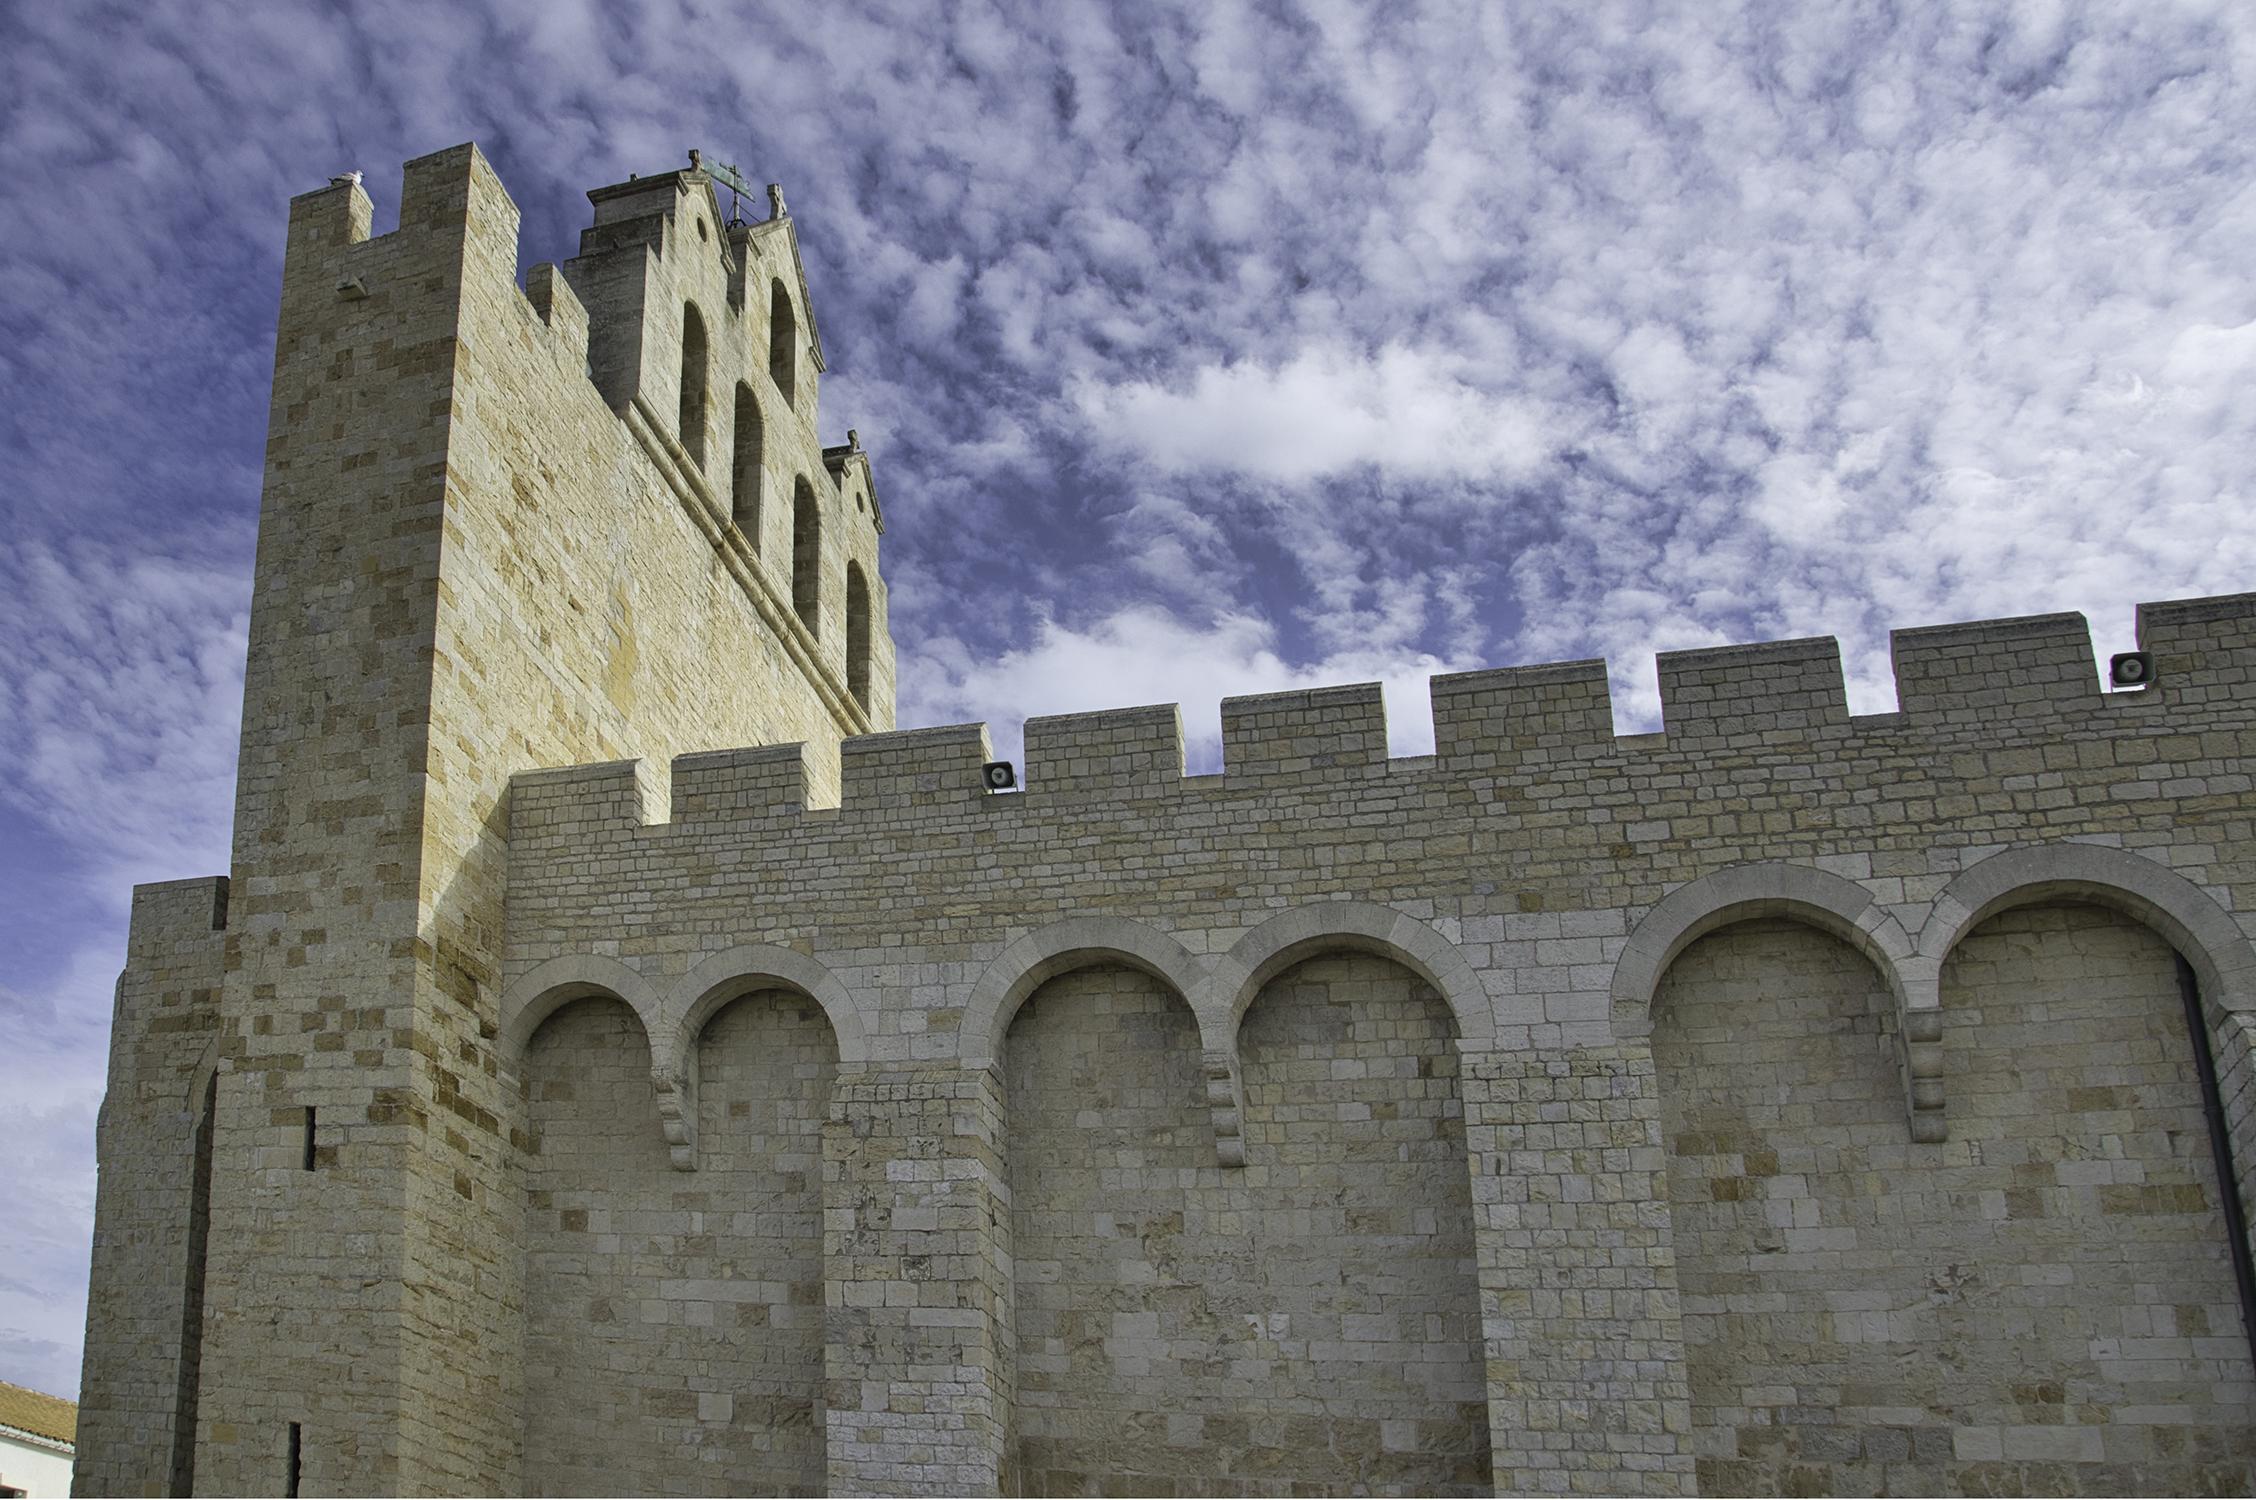 Chiesa fortezza Notre Dame de la Mere_campanile_Camargue-9915.jpg